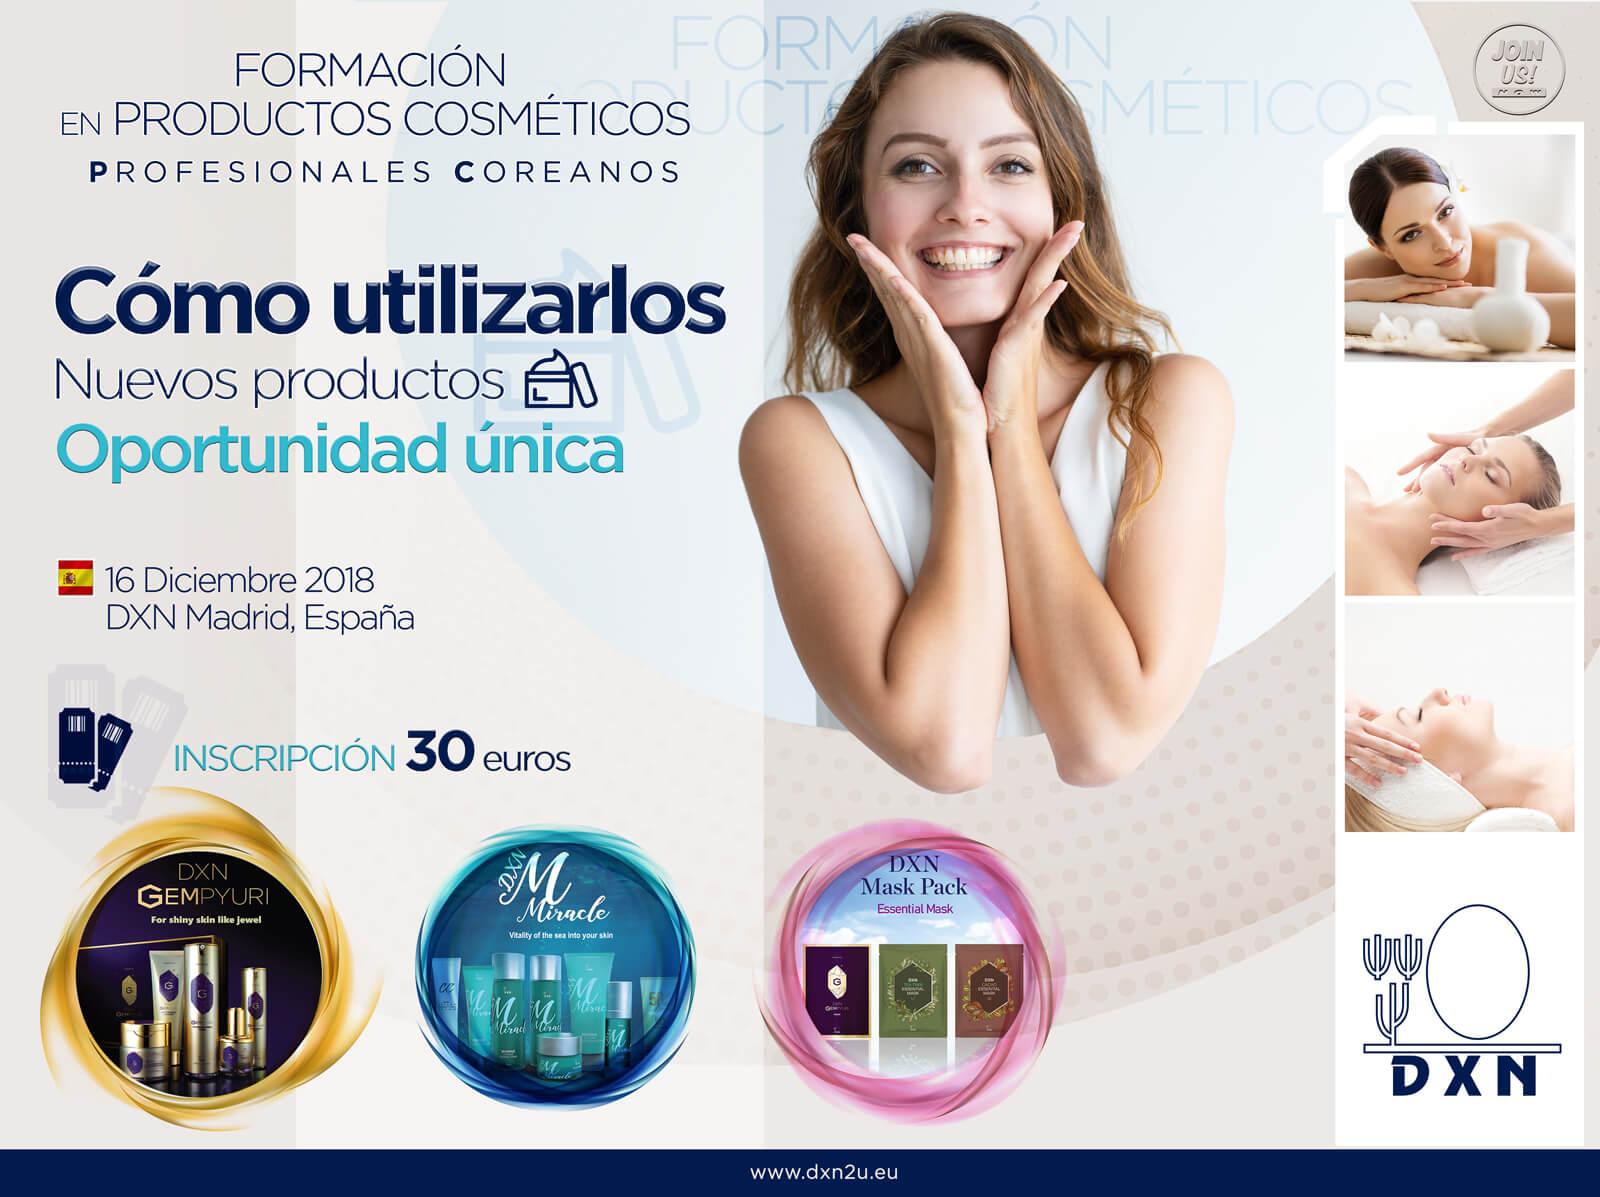 Productos de cosmetica DXN_